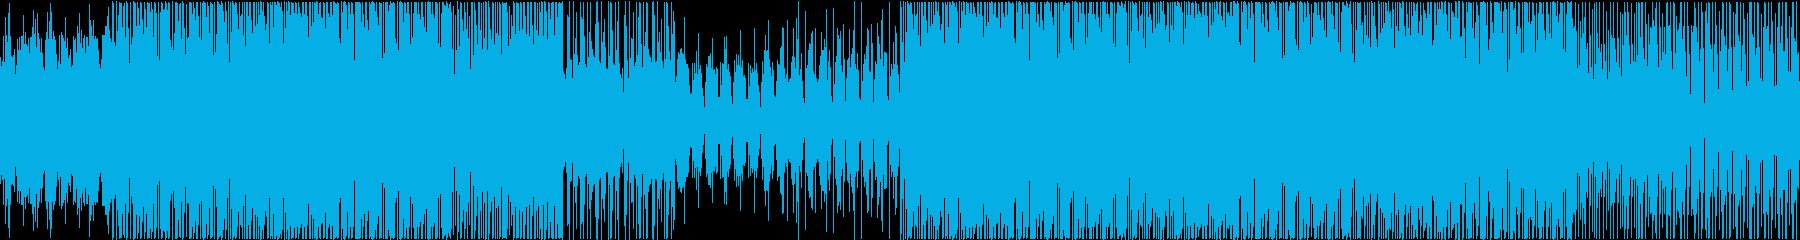 不思議 サイエンス 報道 ループ 番組の再生済みの波形